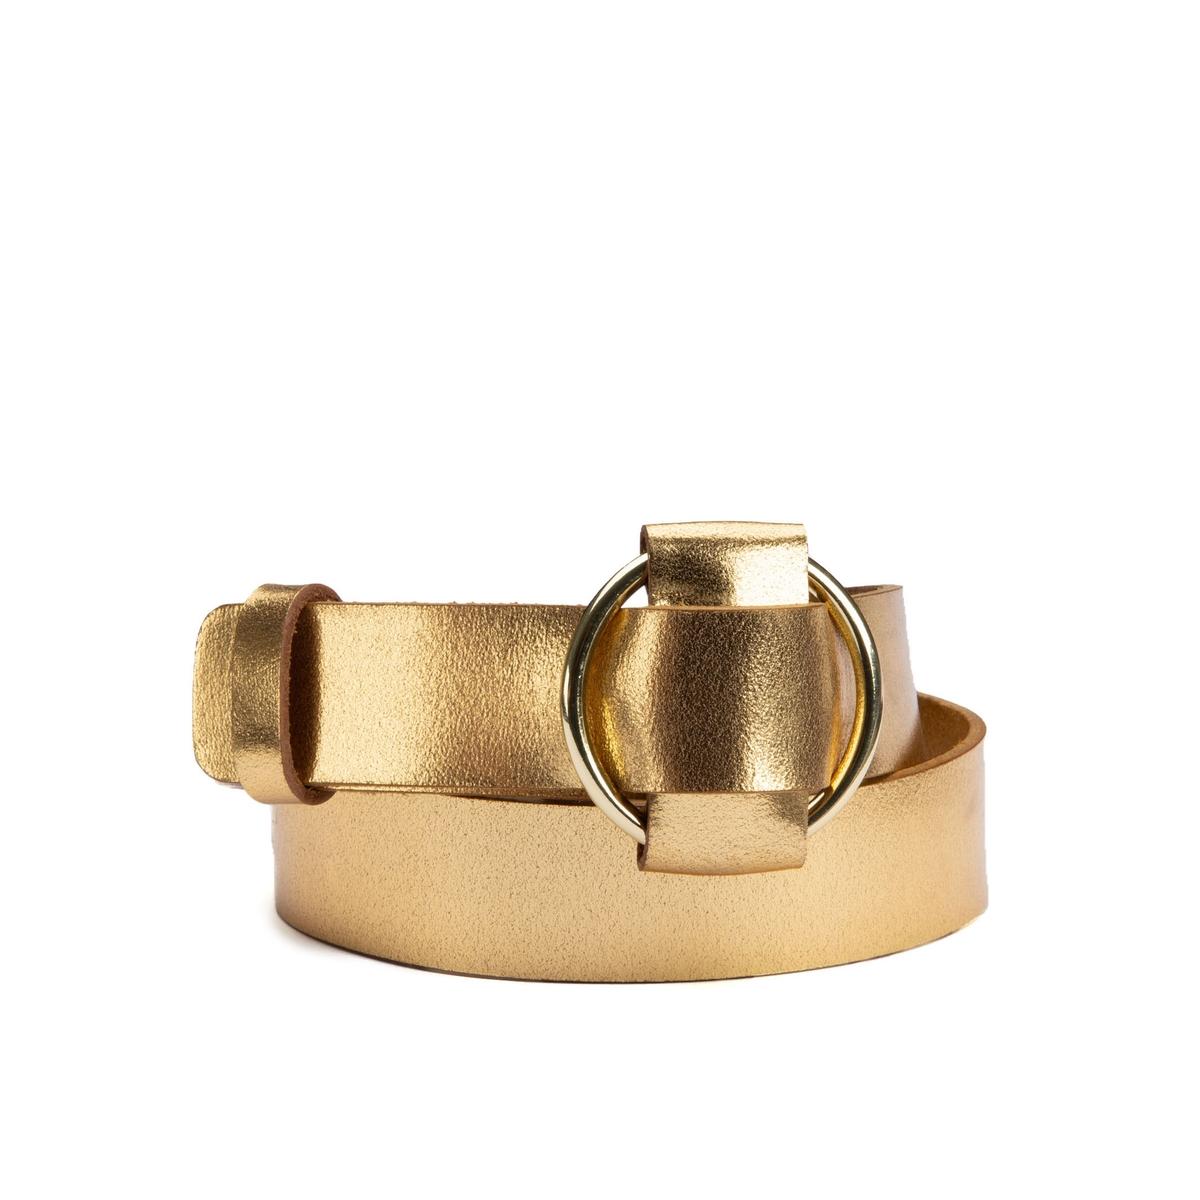 Cinturón de piel dorada